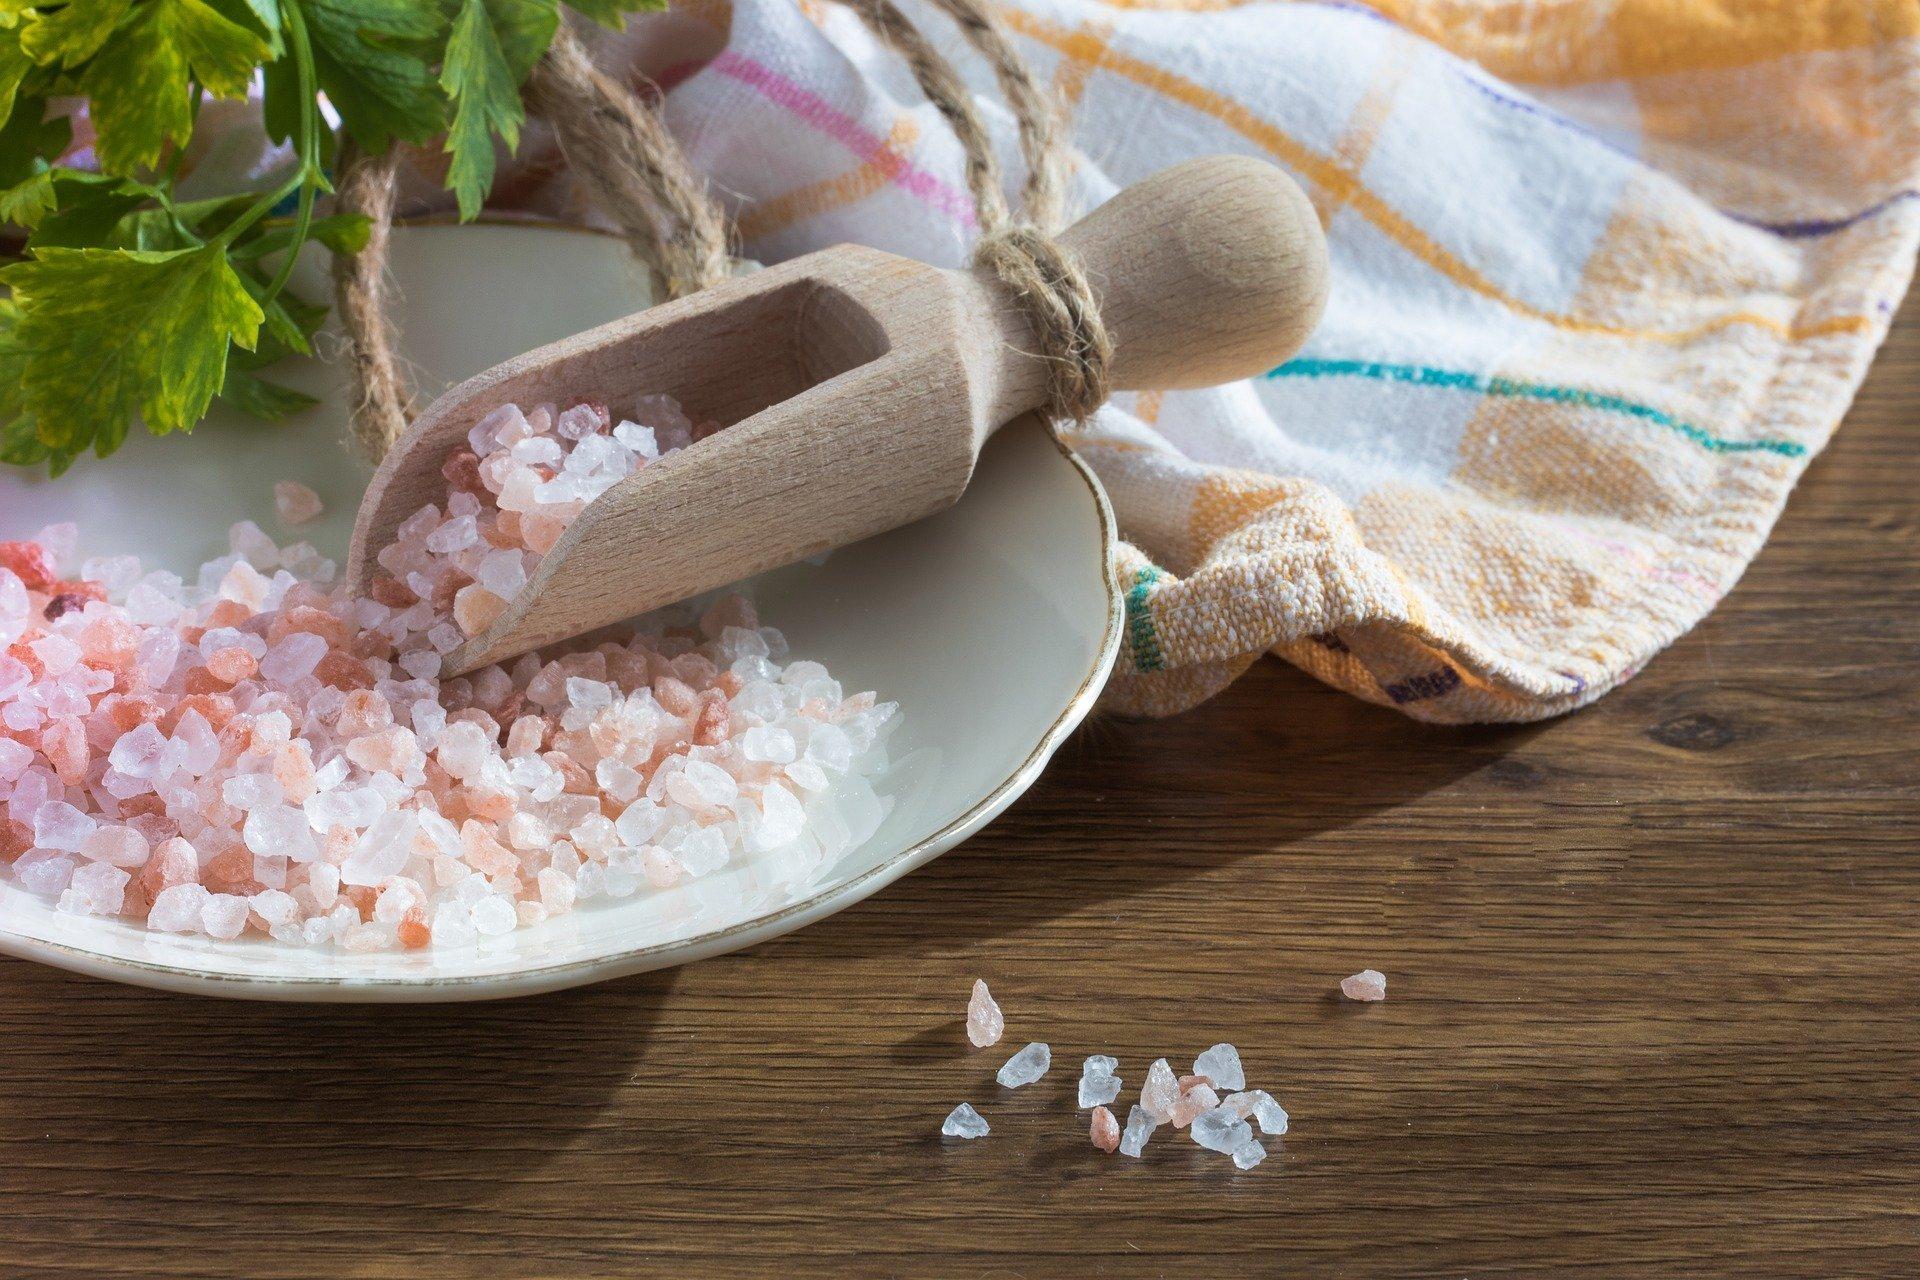 Každá mince má dvě strany. A stejně tak to platí i u soli. Ačkoliv je její přemíra při konzumaci potravin nežádoucí kvůli našemu zdraví, při úklidu se může stát cenným pomocníkem, jenž nám může usnadnit život. Proto se spolu podíváme, jak jinak lze chlorid sodný, nebo-li sůl využívat i mimo vaření.